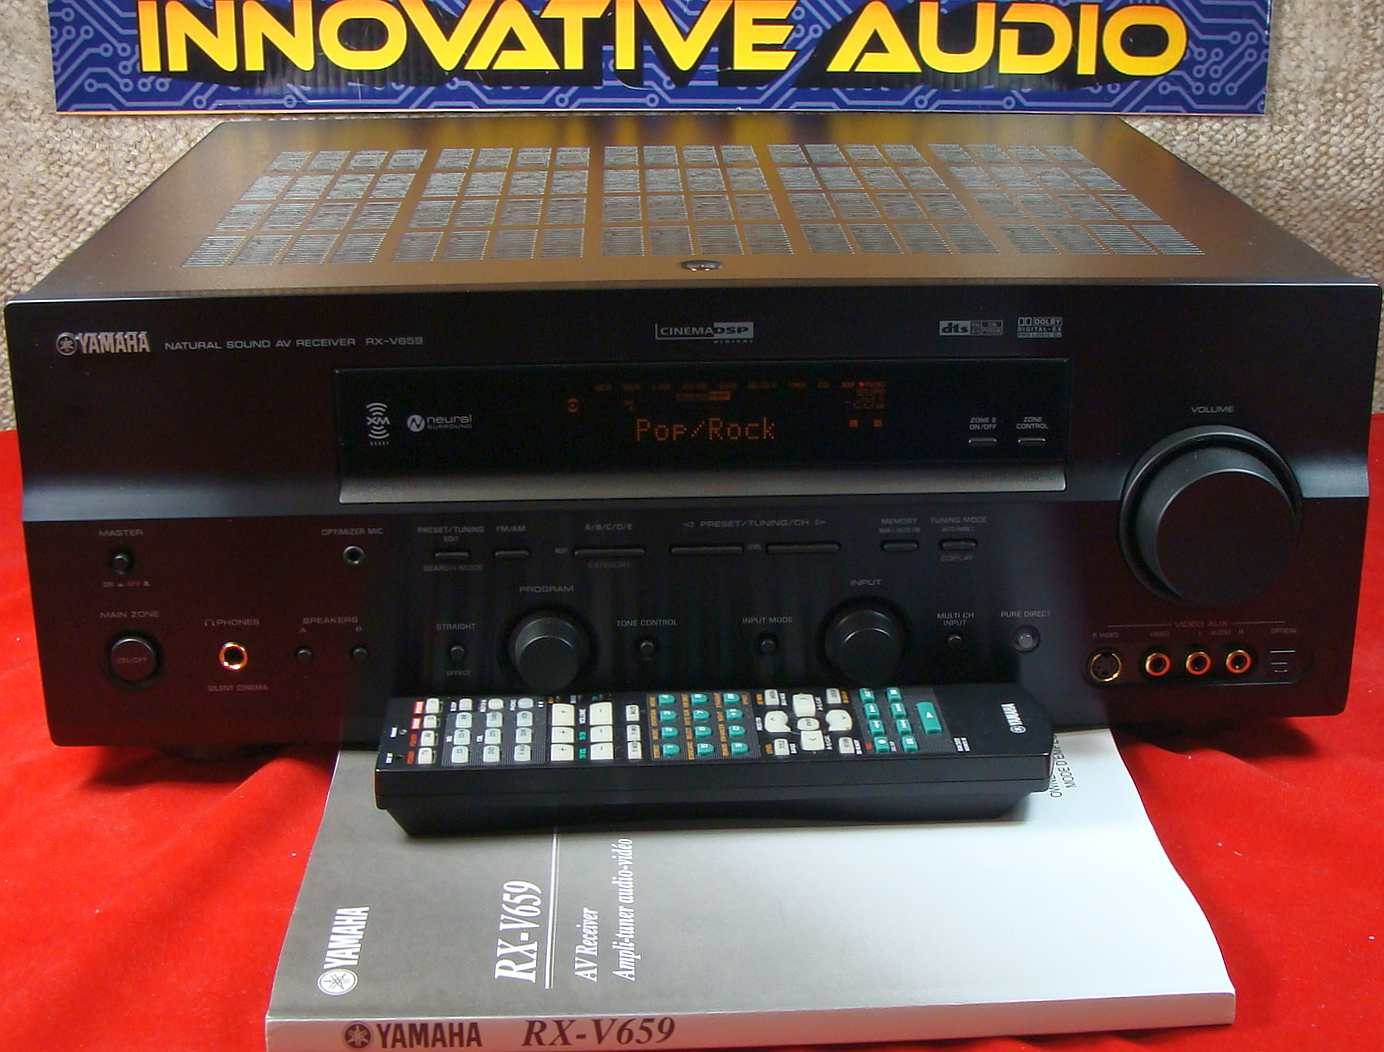 innovative audio yamaha rx v659 front with remote and manual rh iavscanada com yamaha rx-v659 service manual yamaha rx v659 manual